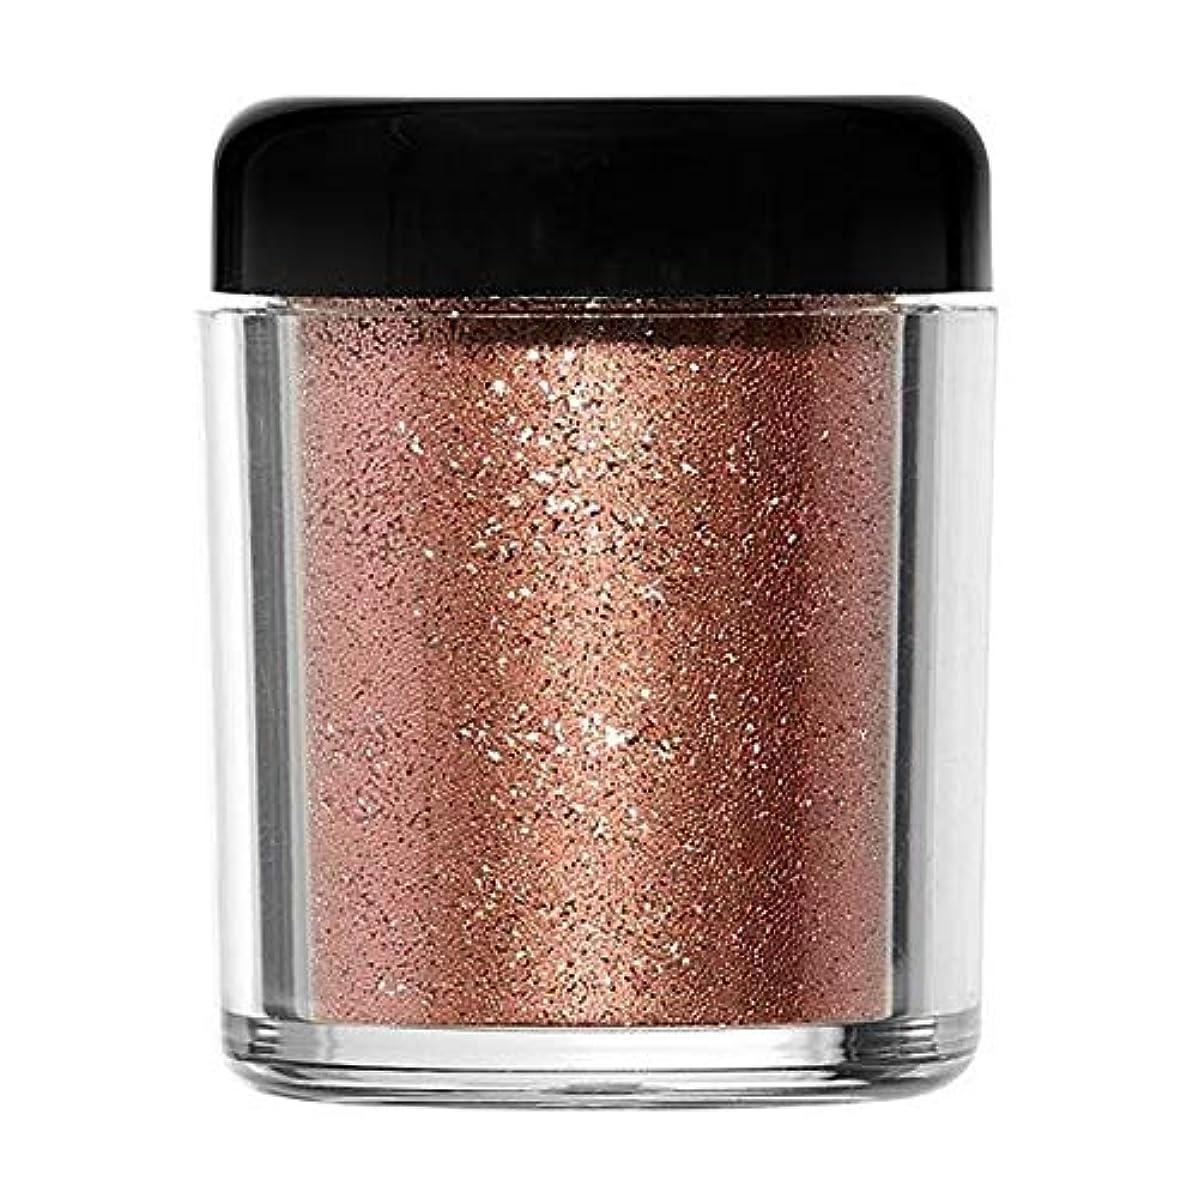 ビバエレクトロニック太平洋諸島[Barry M ] バリーメートルのグリッターラッシュボディの輝き - ローズクォーツ - Barry M Glitter Rush Body Glitter - Rose Quartz [並行輸入品]